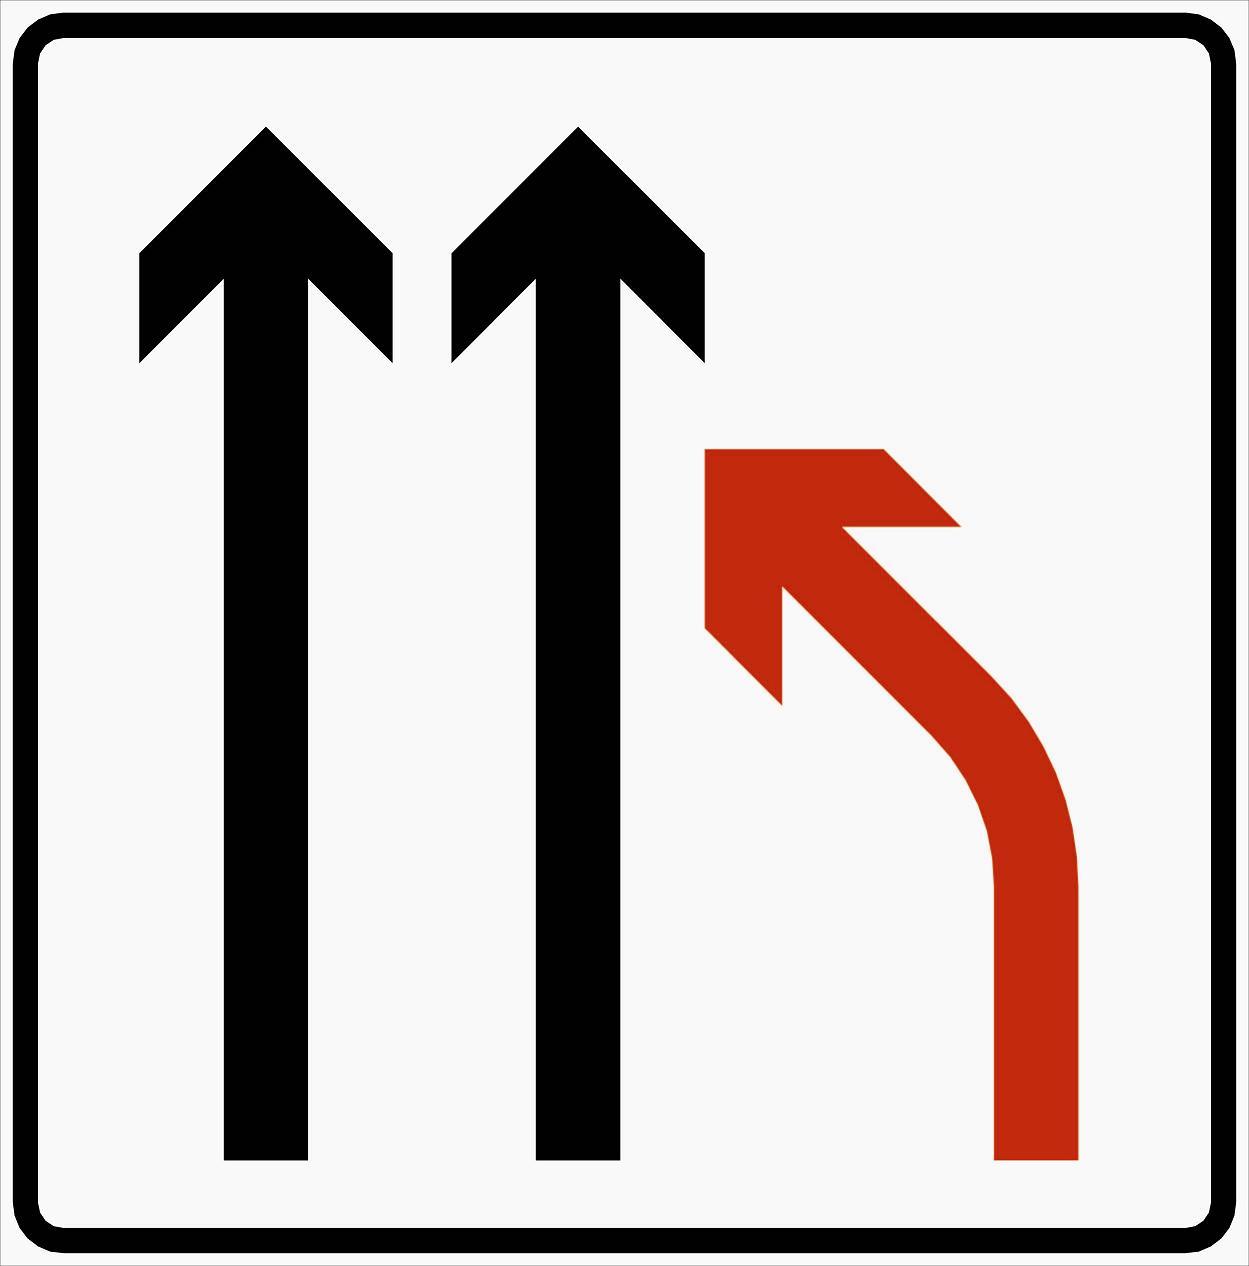 Trafikkskilt forklaring